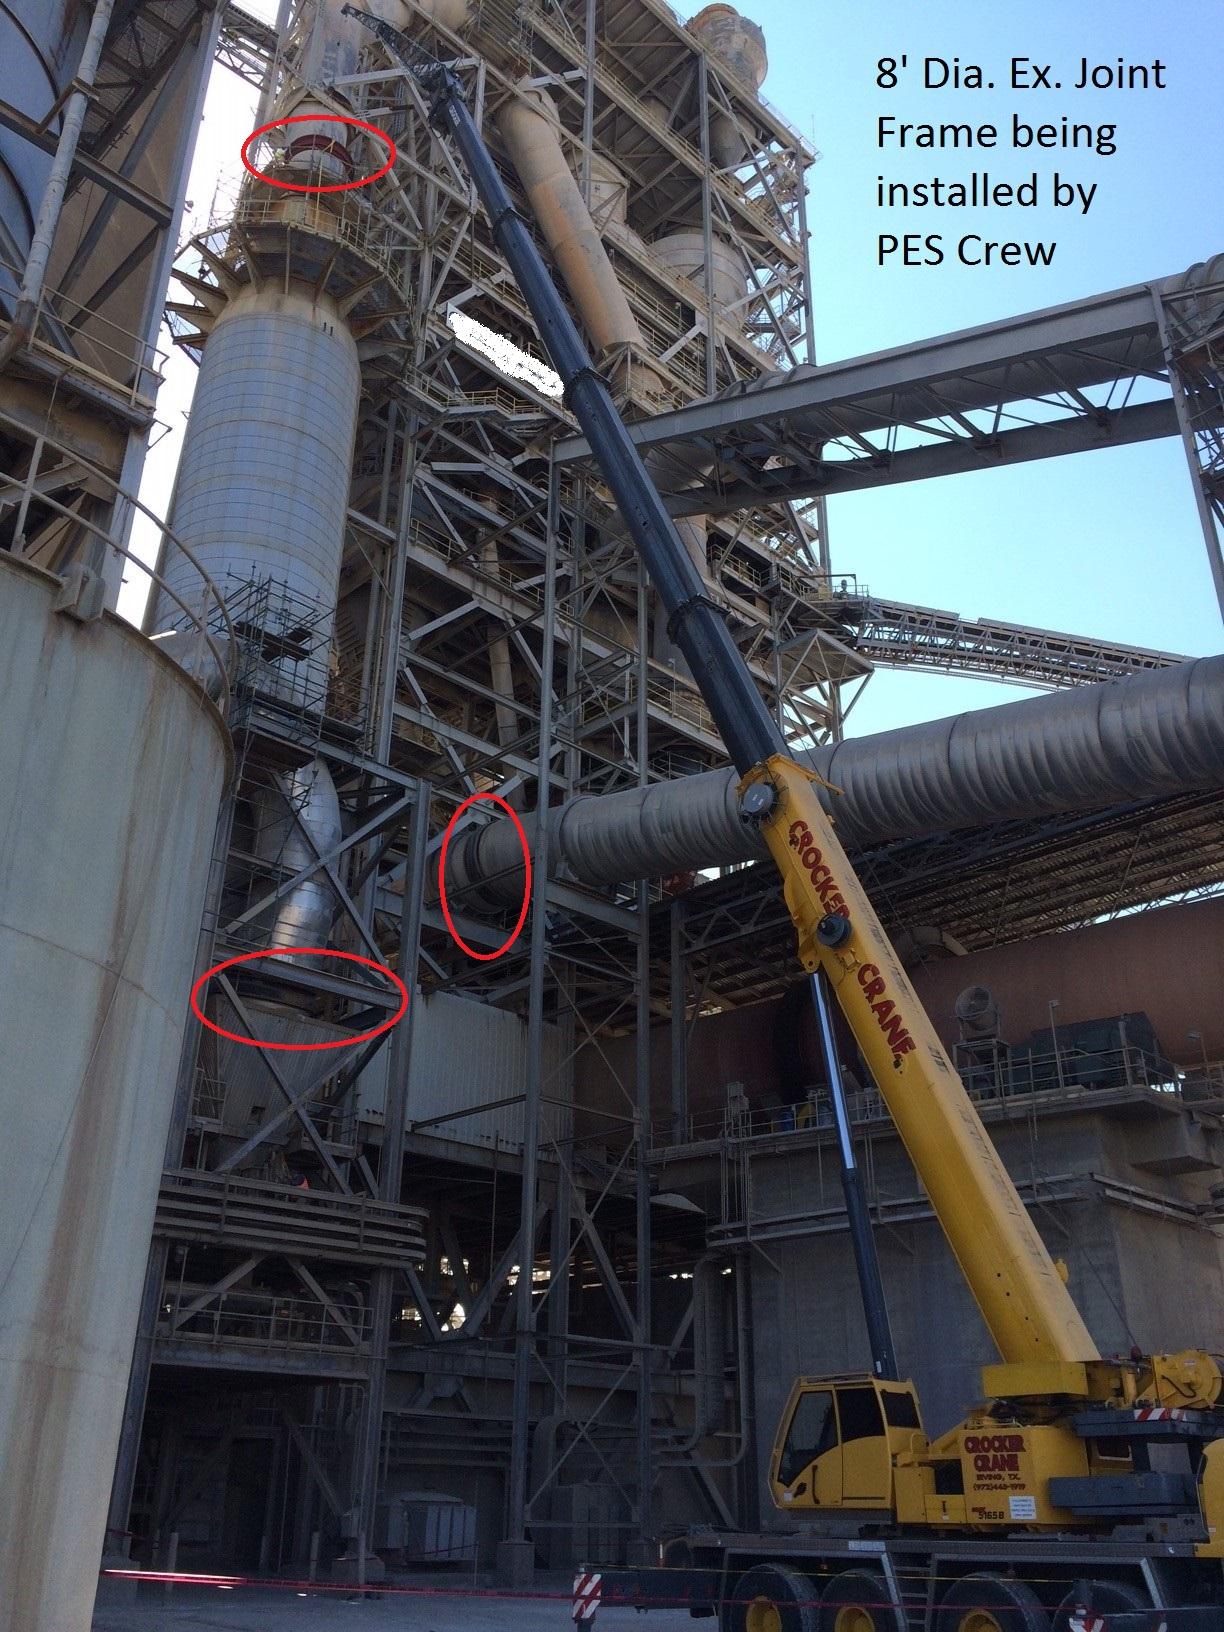 Flue Duct Expansion Joints - Plant, Equipment, & Services